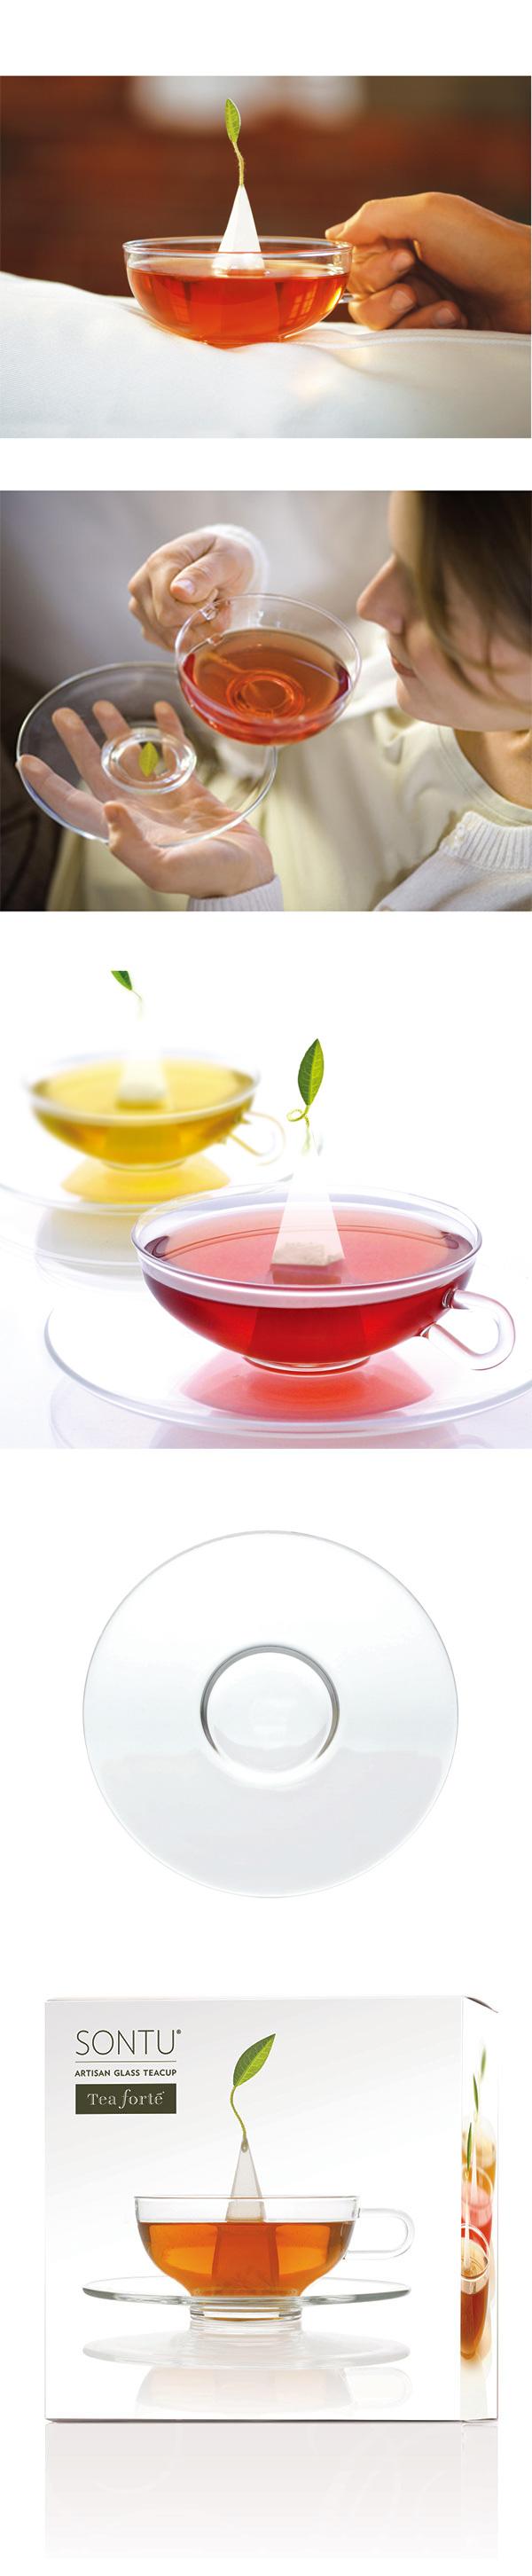 Tea Forte Sontu玻璃茶杯